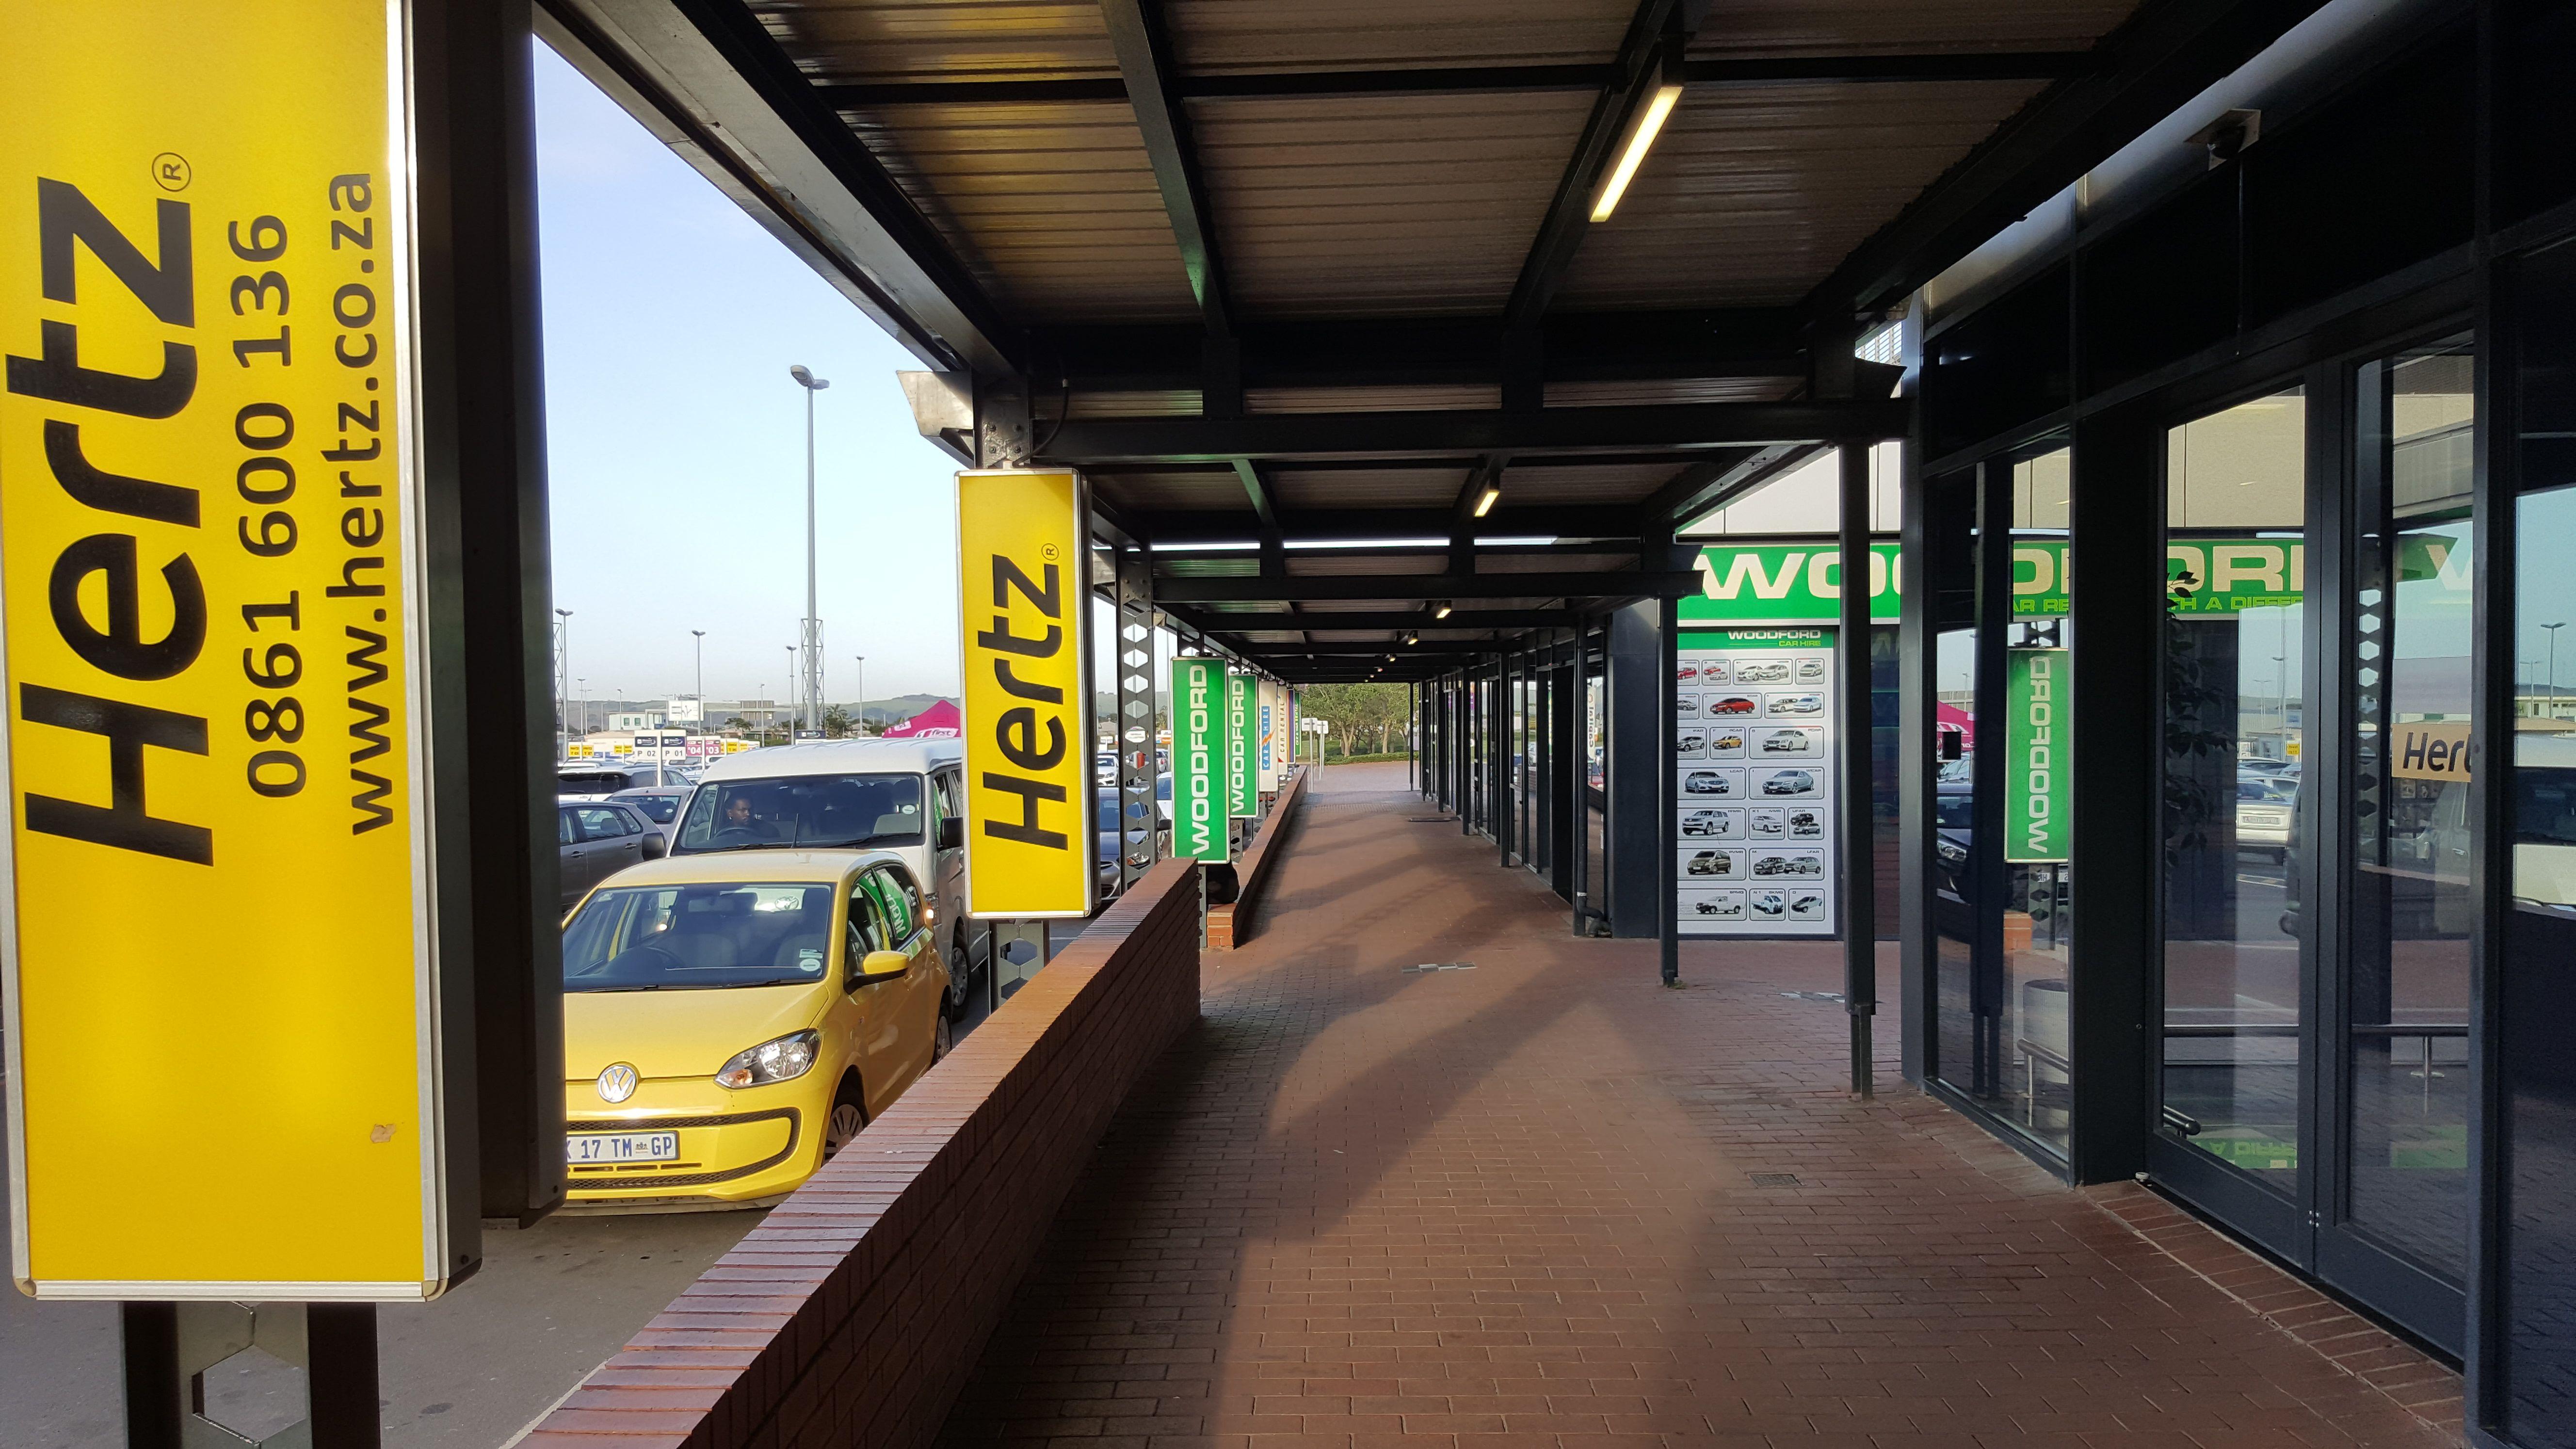 Hertz Car Rental S Office At Durban S King Shaka International Airport Hertz Car Rental Car Rental Hertz